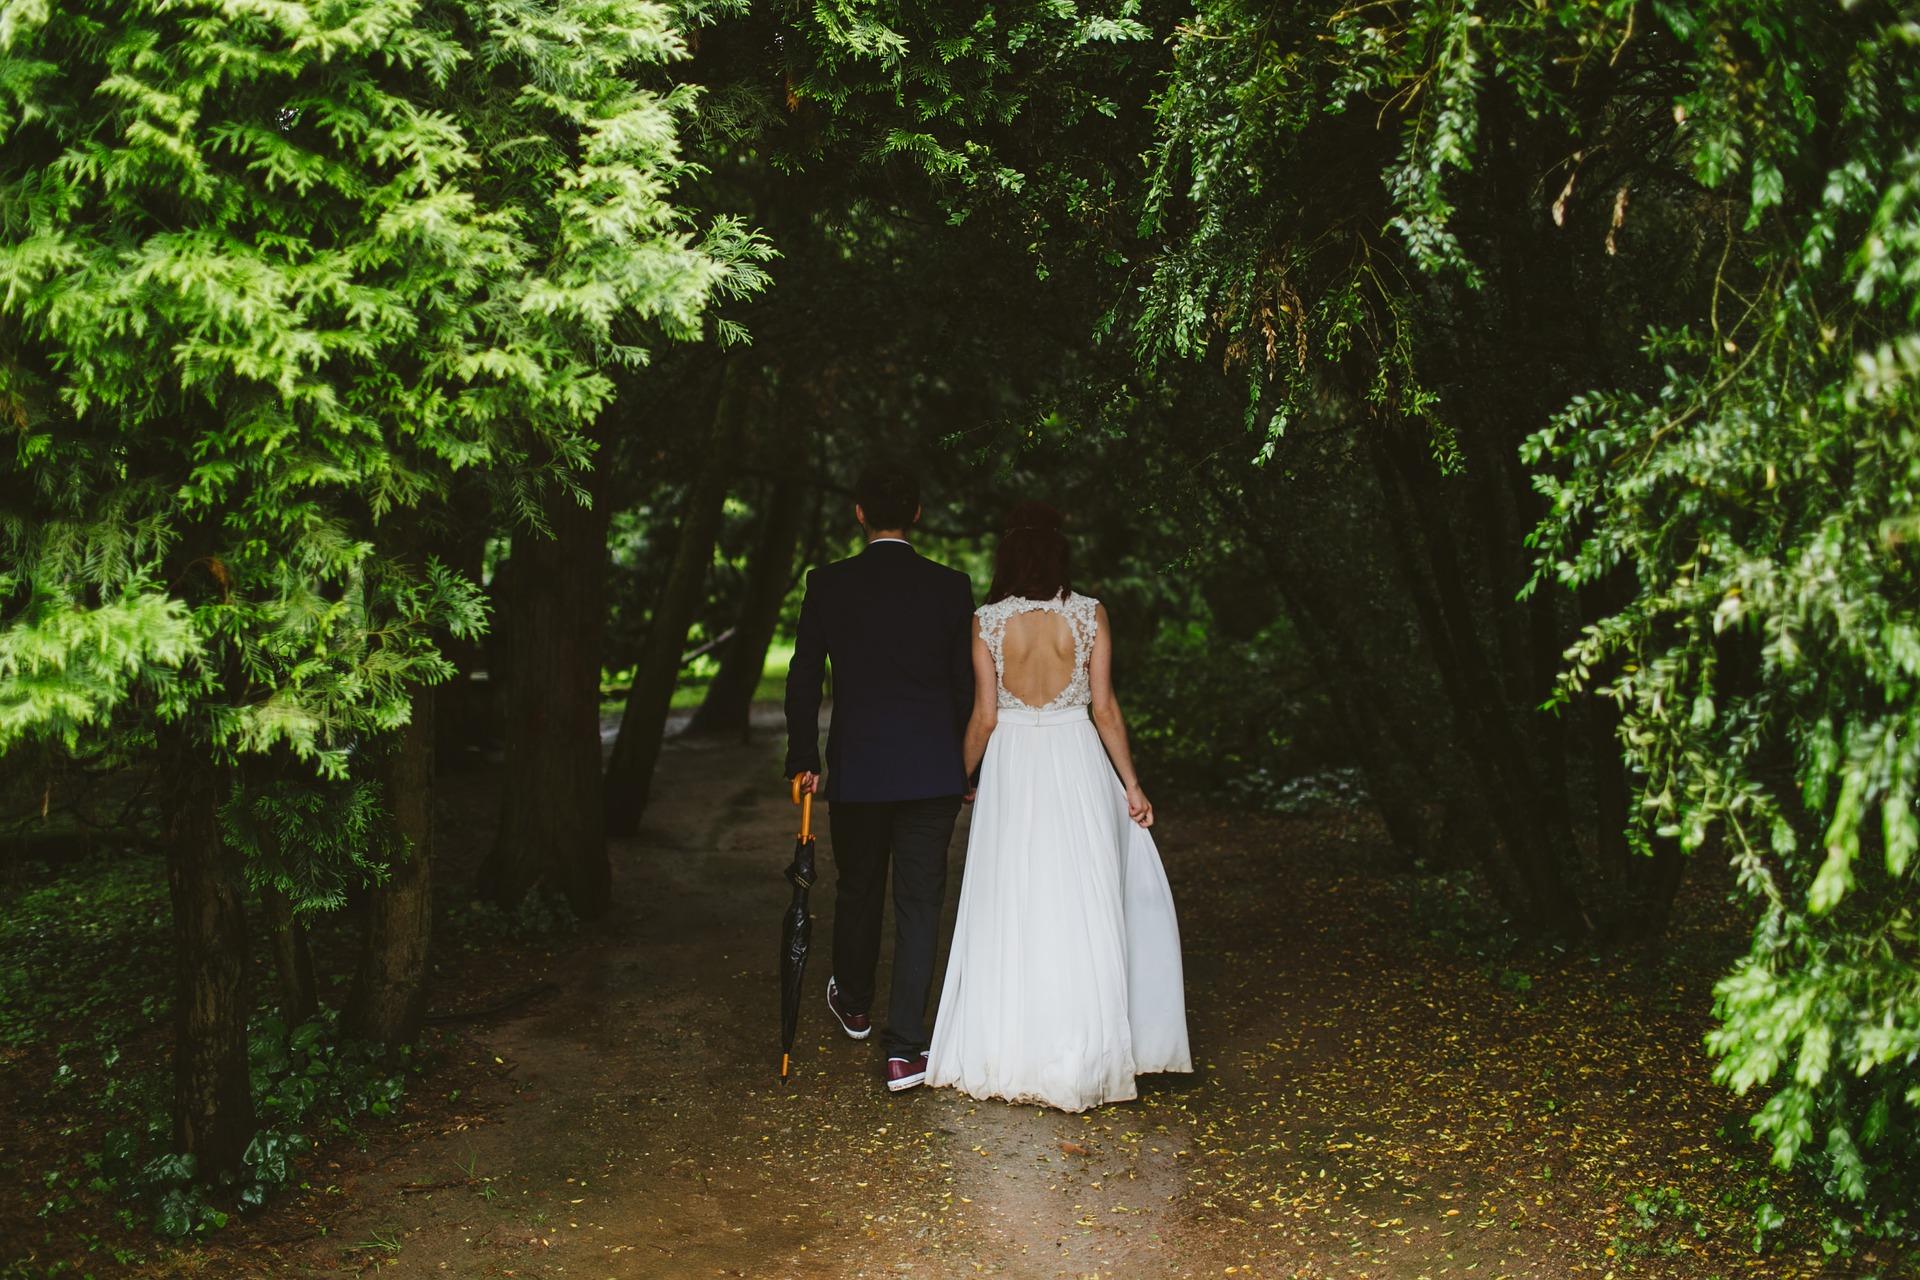 bride-1846671_1920